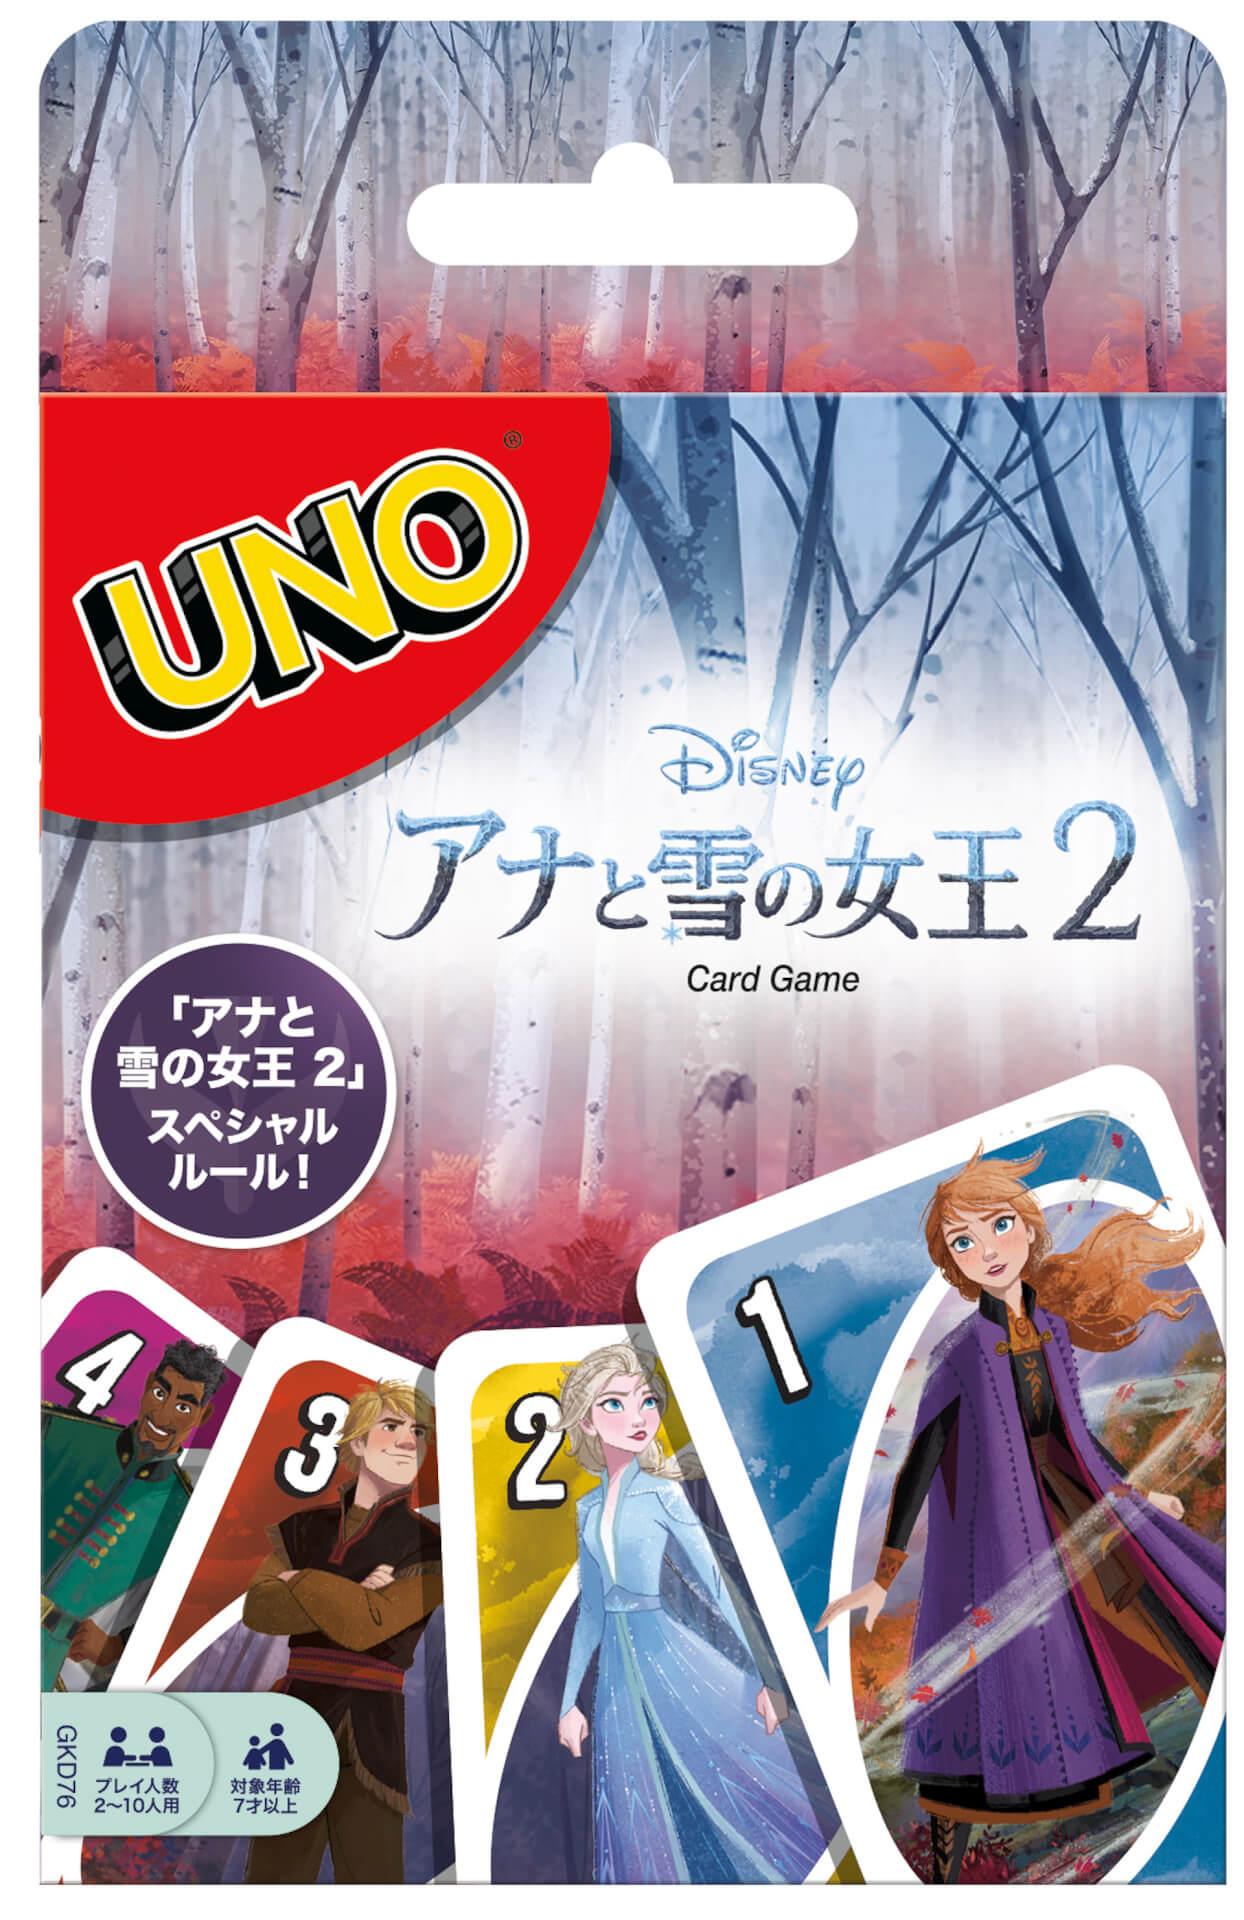 年末年始は『アナと雪の女王2』仕様のUNOで盛り上がろう!映画の世界観を味わえるスペシャルルールもある『ウノ/アナと雪の女王2』が登場 art191223_uno_anayuki_4